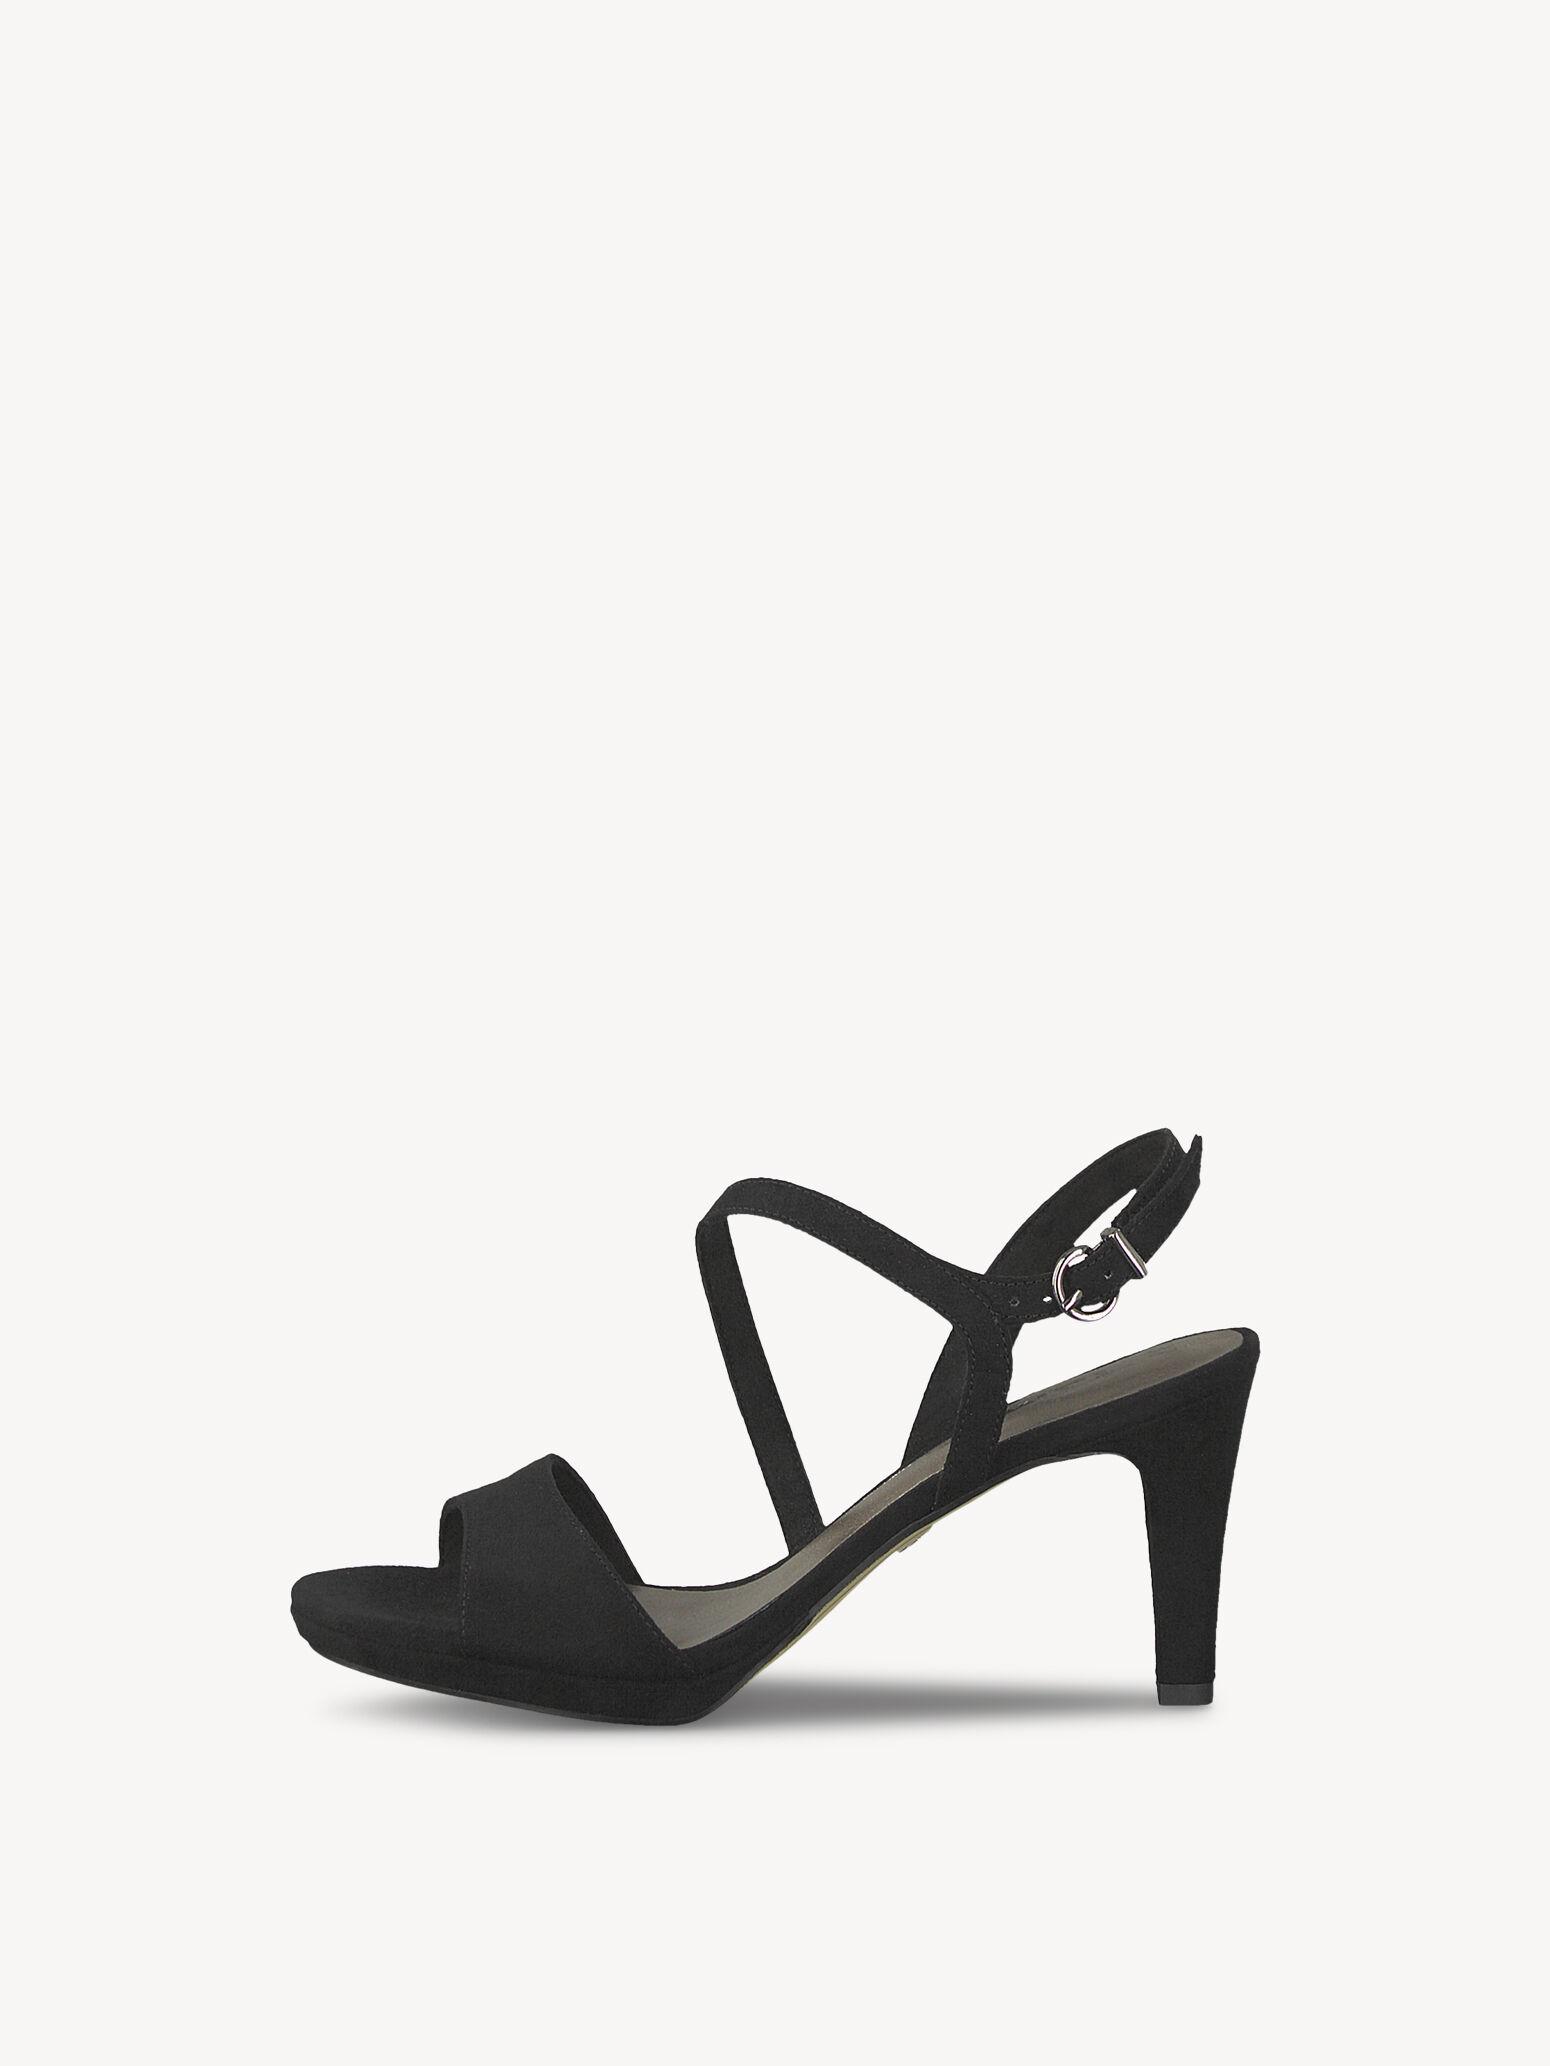 Für Damen Sandaletten Kaufen Online Tamaris cTlK1F3J